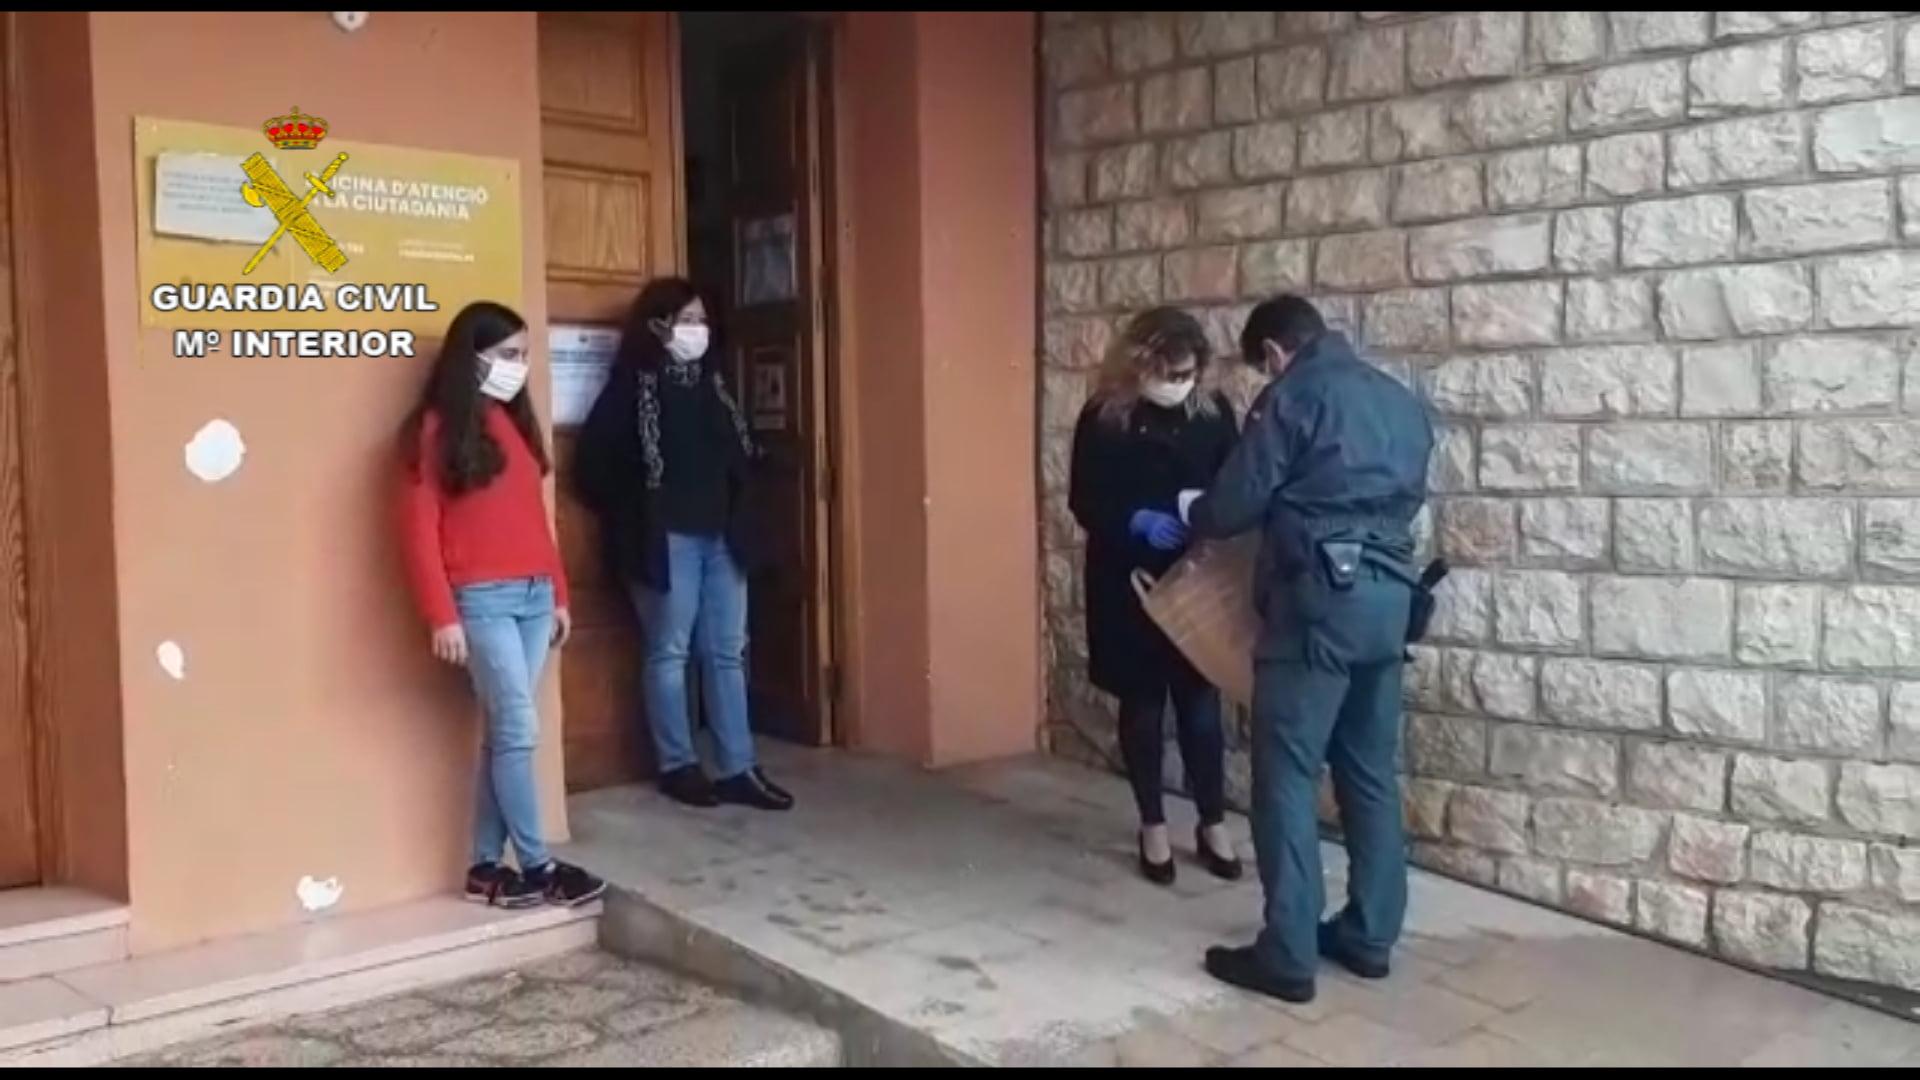 La Guardia Civil entrega material sanitario